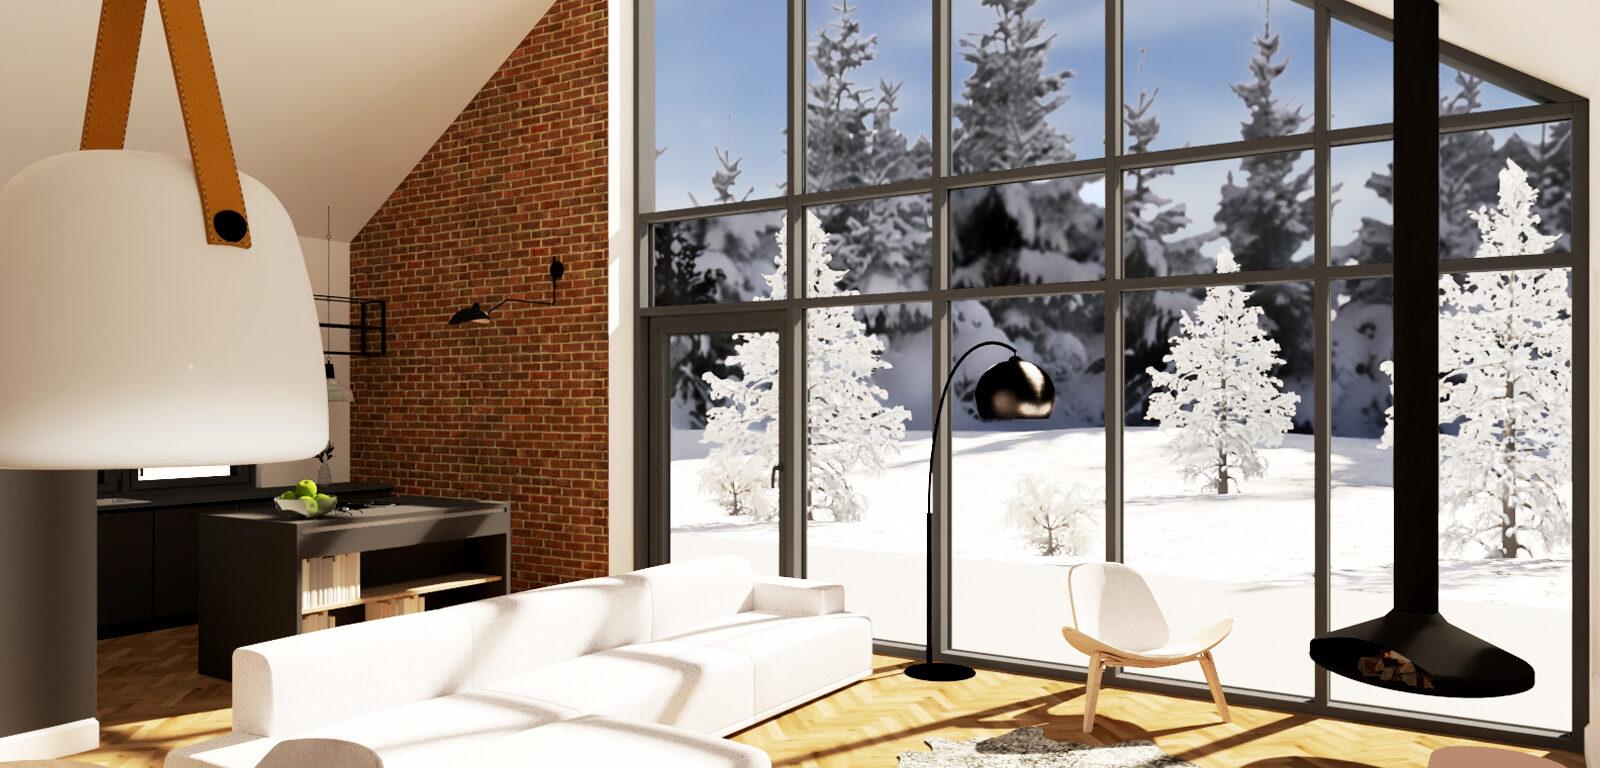 dacon-design-domanska-architekt-stodola-wnetrza